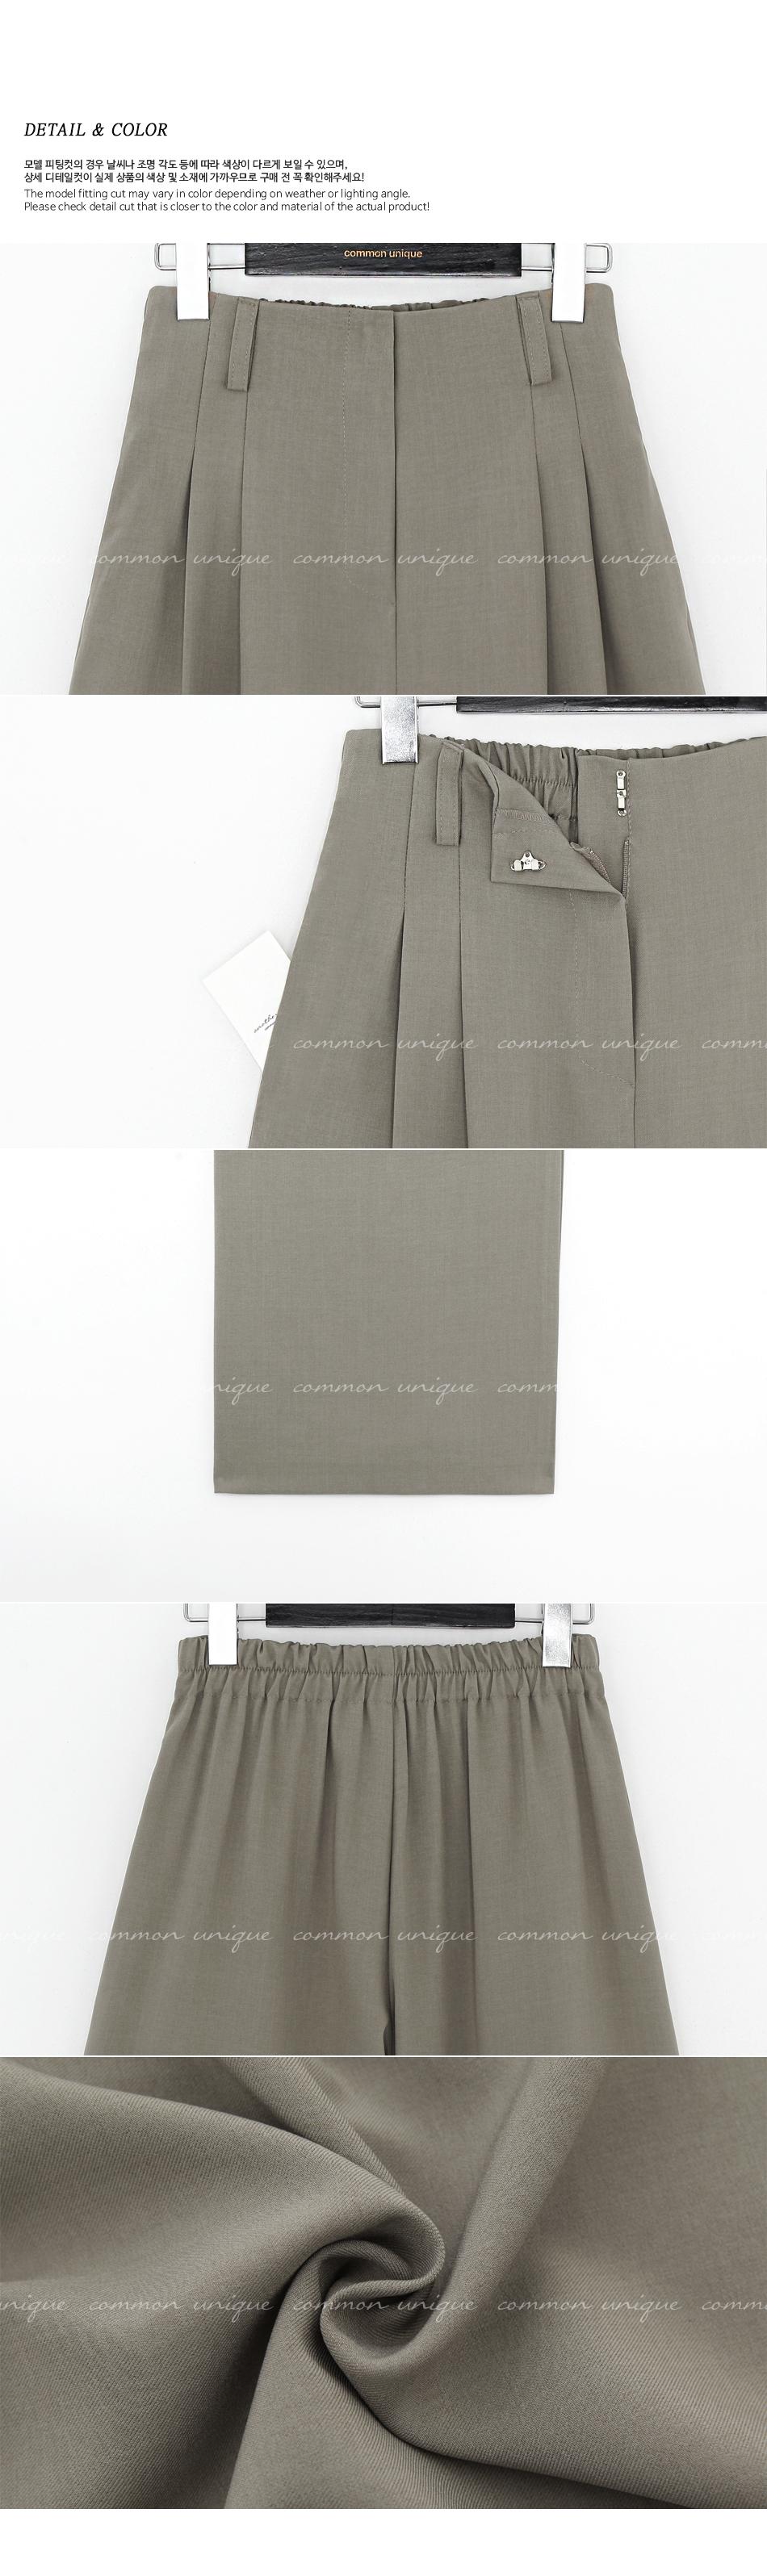 Semi-Elasticized Waist Pleated Slacks